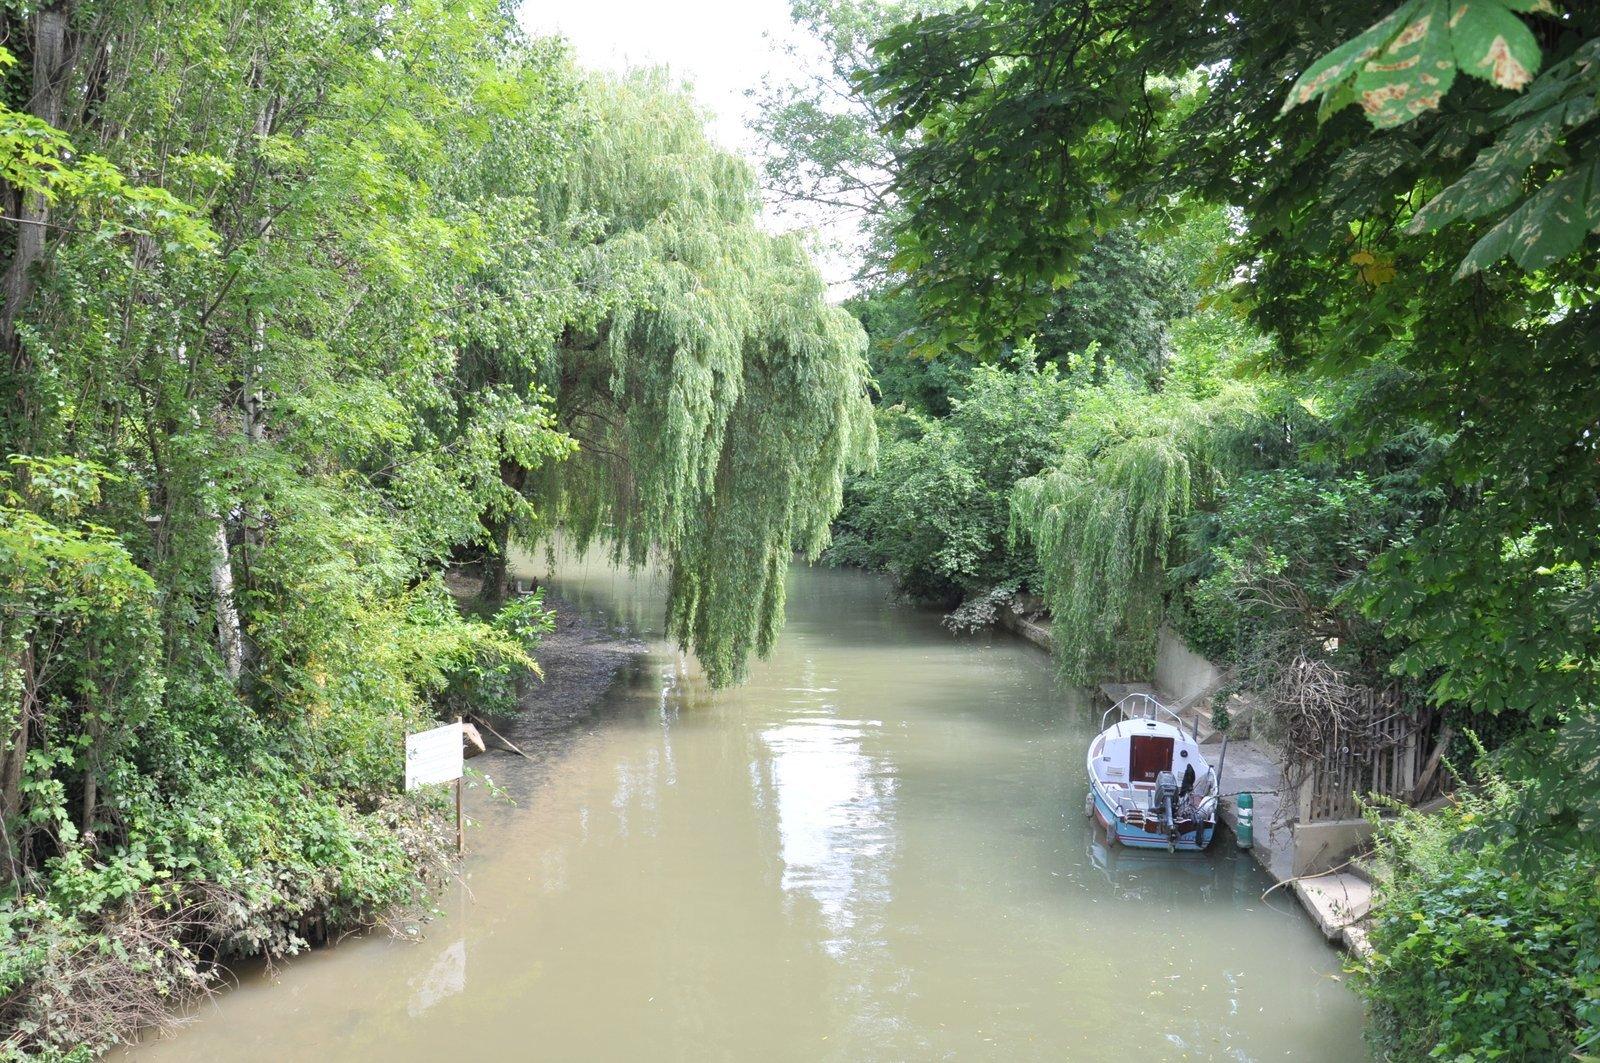 El canal de Polangis a Joinville-le-Pont